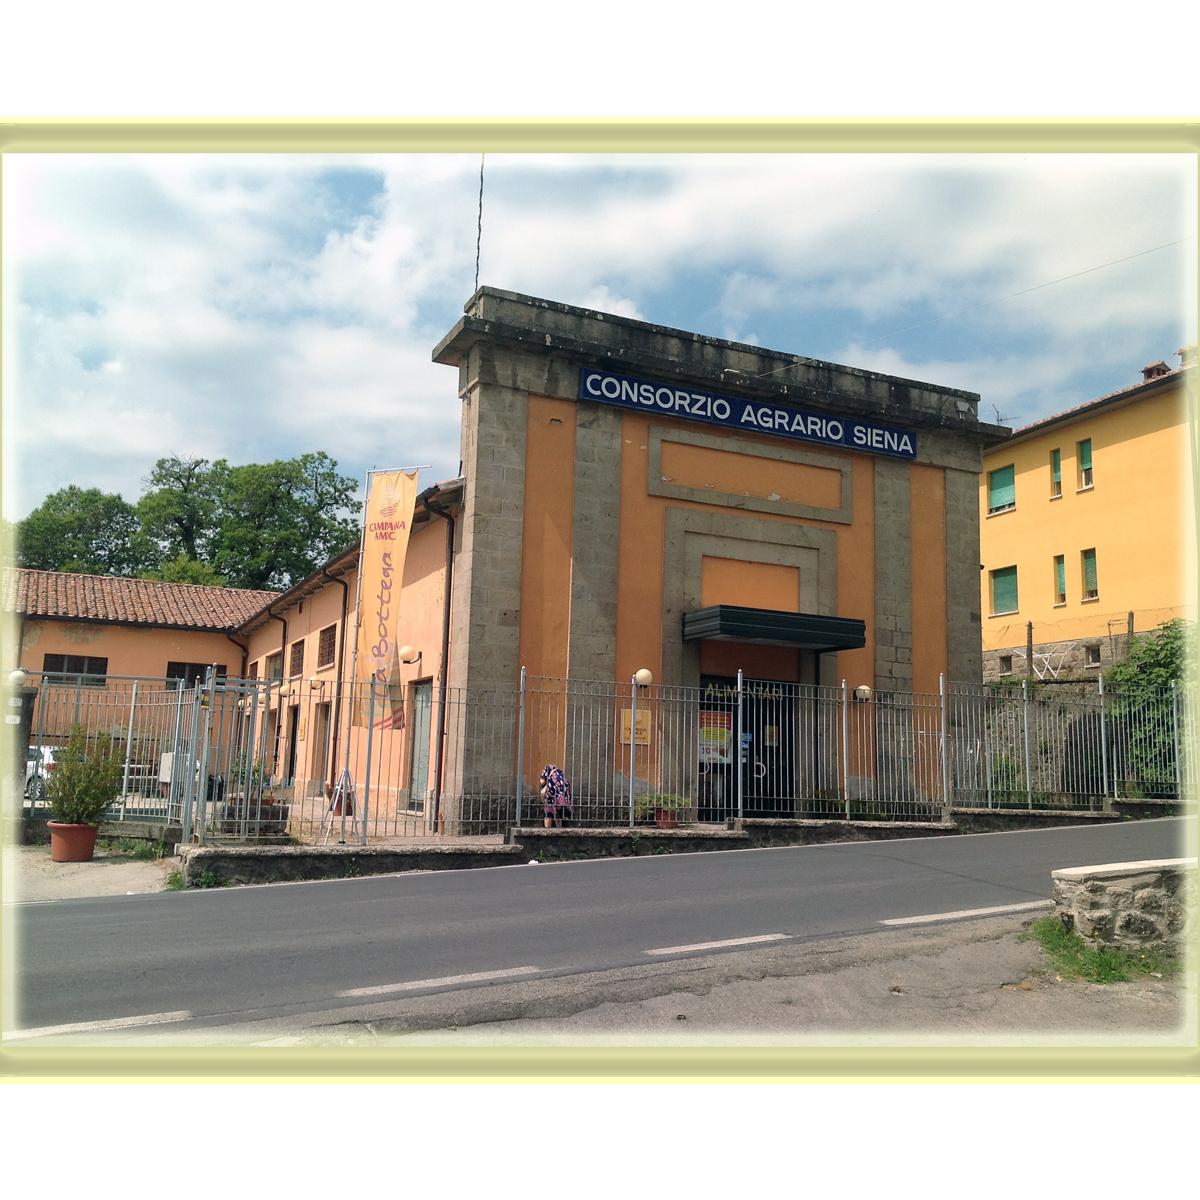 PUNTO VENDITA - AGENZIA DI PIANCASTAGNAIO  Via Vespa, 111 - 53026 - Piancastagnaio - Siena  Tel:0577 230.145 - Fax:0577 230.445 - E-mail: age_piancastagnaio@capsi.it  SERVIZI:  - Vendita e distribuzione prodotti per l'agricoltura  - Prodotti garden  - Fitofarmacia  - Oasi ecologica per la raccolta dei contenitori vuoti di fitofarmaci  CONTATTI: SIMONA DELLE MACCHIE